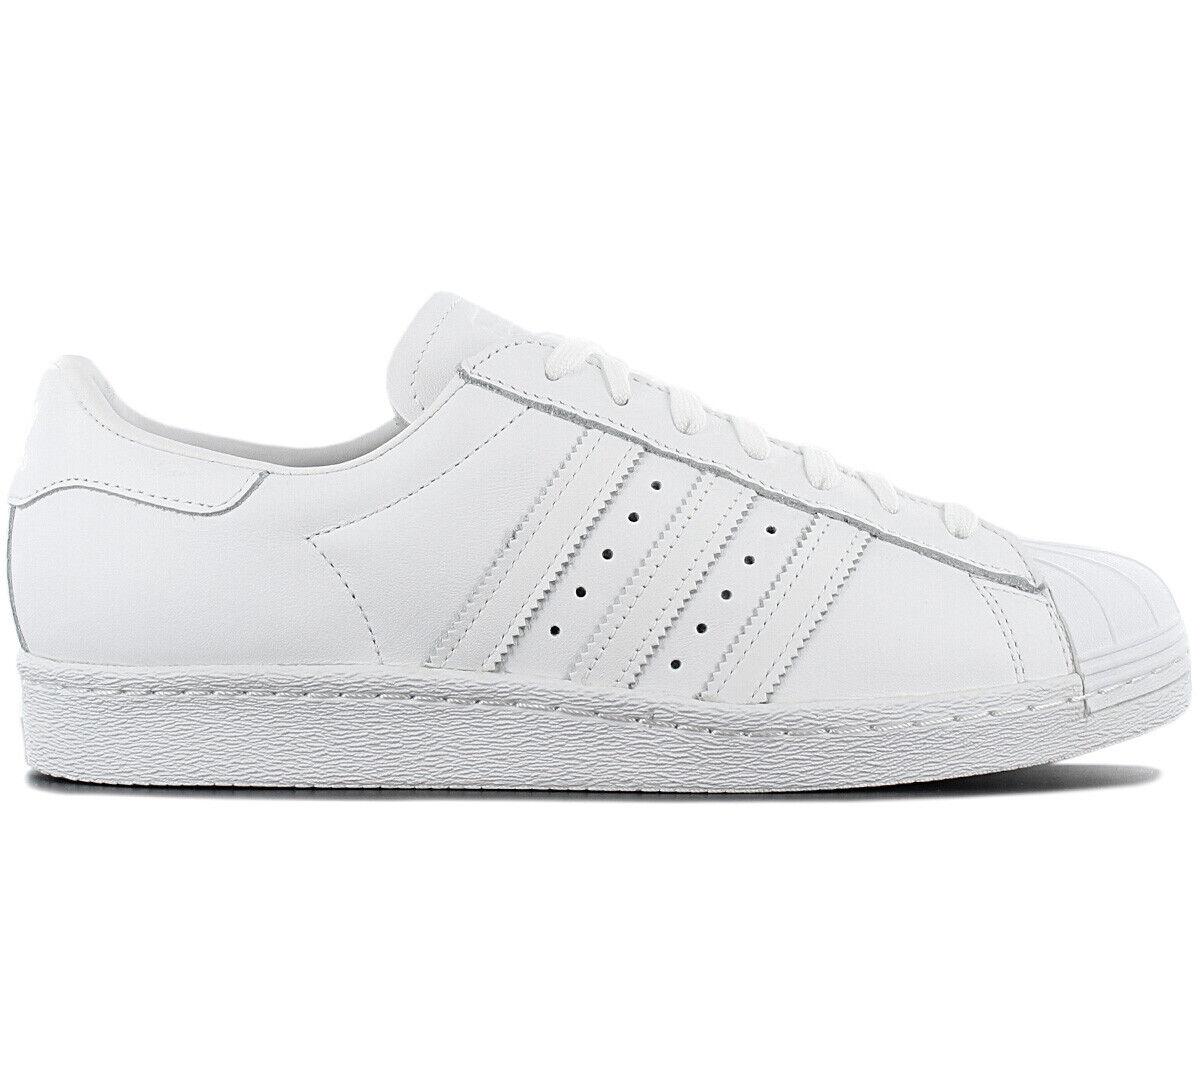 Adidas Originals Superstar 80s Herren Turnschuhe Schuhe S79443 Leder Weiß Turnschuh          Elegantes Aussehen    Ich kann es nicht ablegen